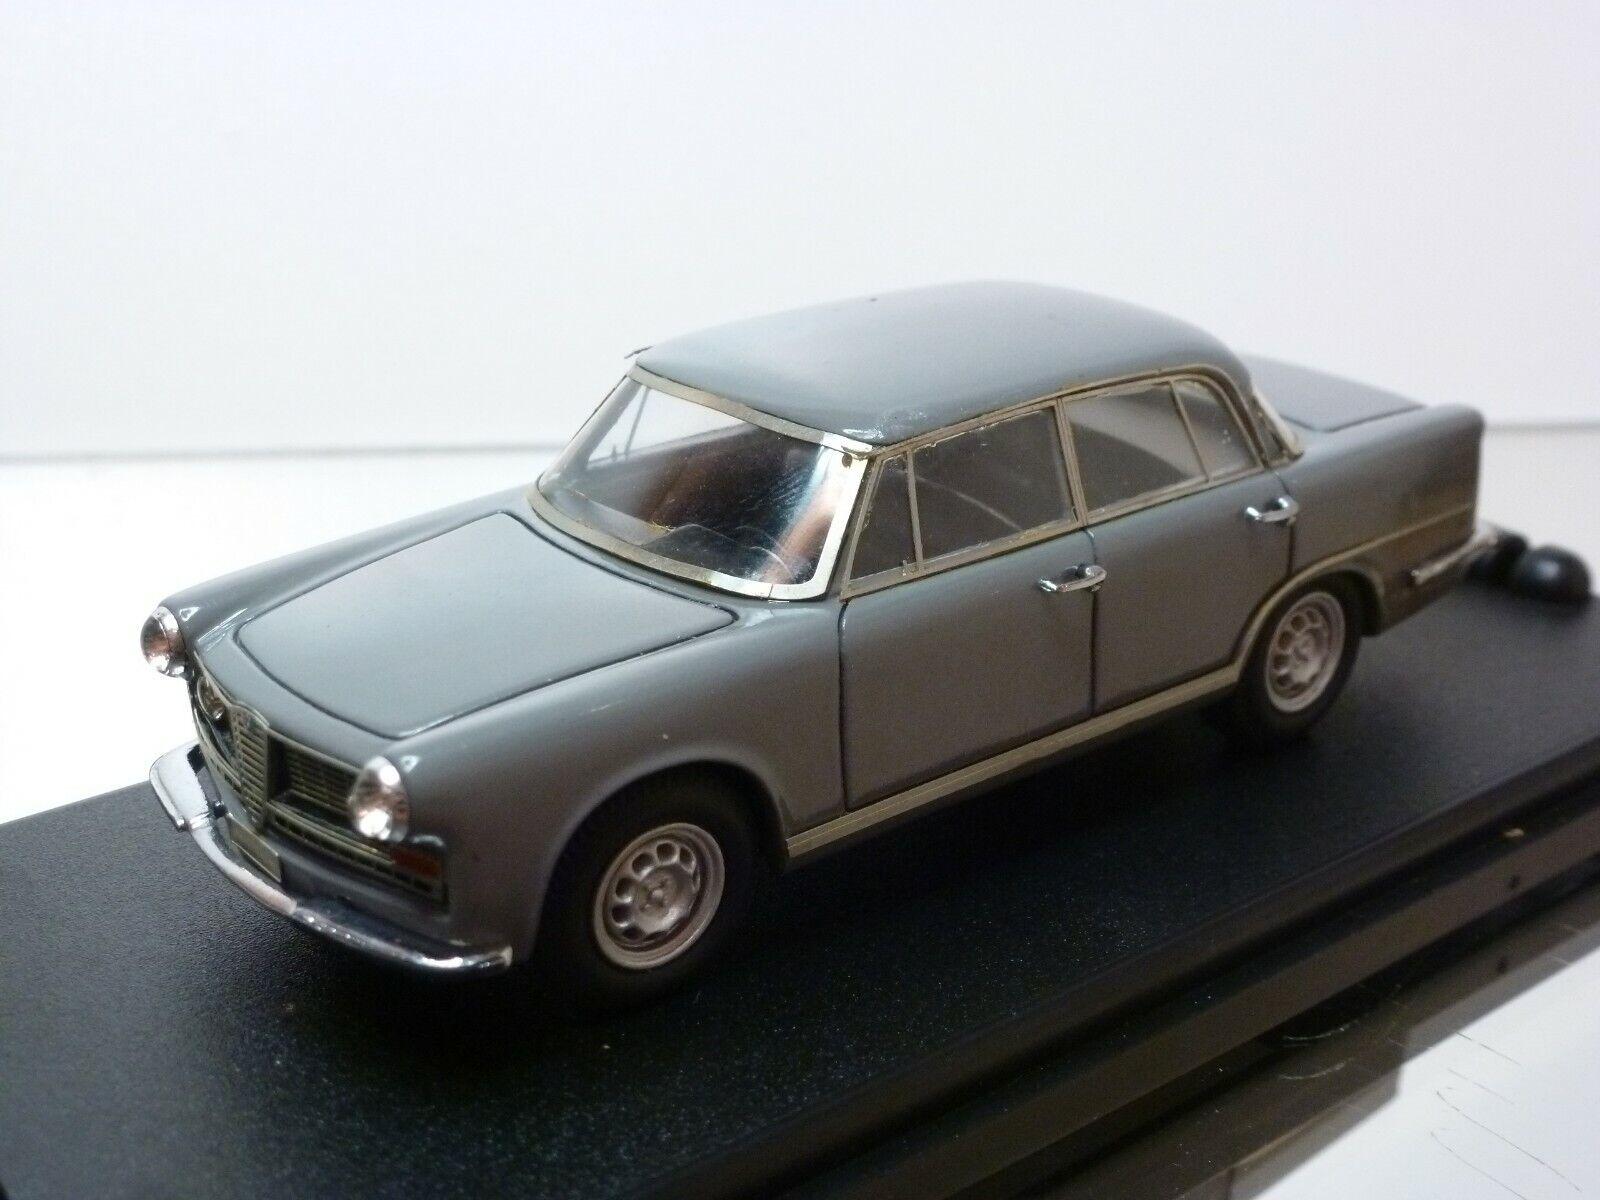 KLAXON GAMMA ALFA ROMEO 2600 BERLINA 1962 - grau 1 43 - GOOD CONDITION IN BOX